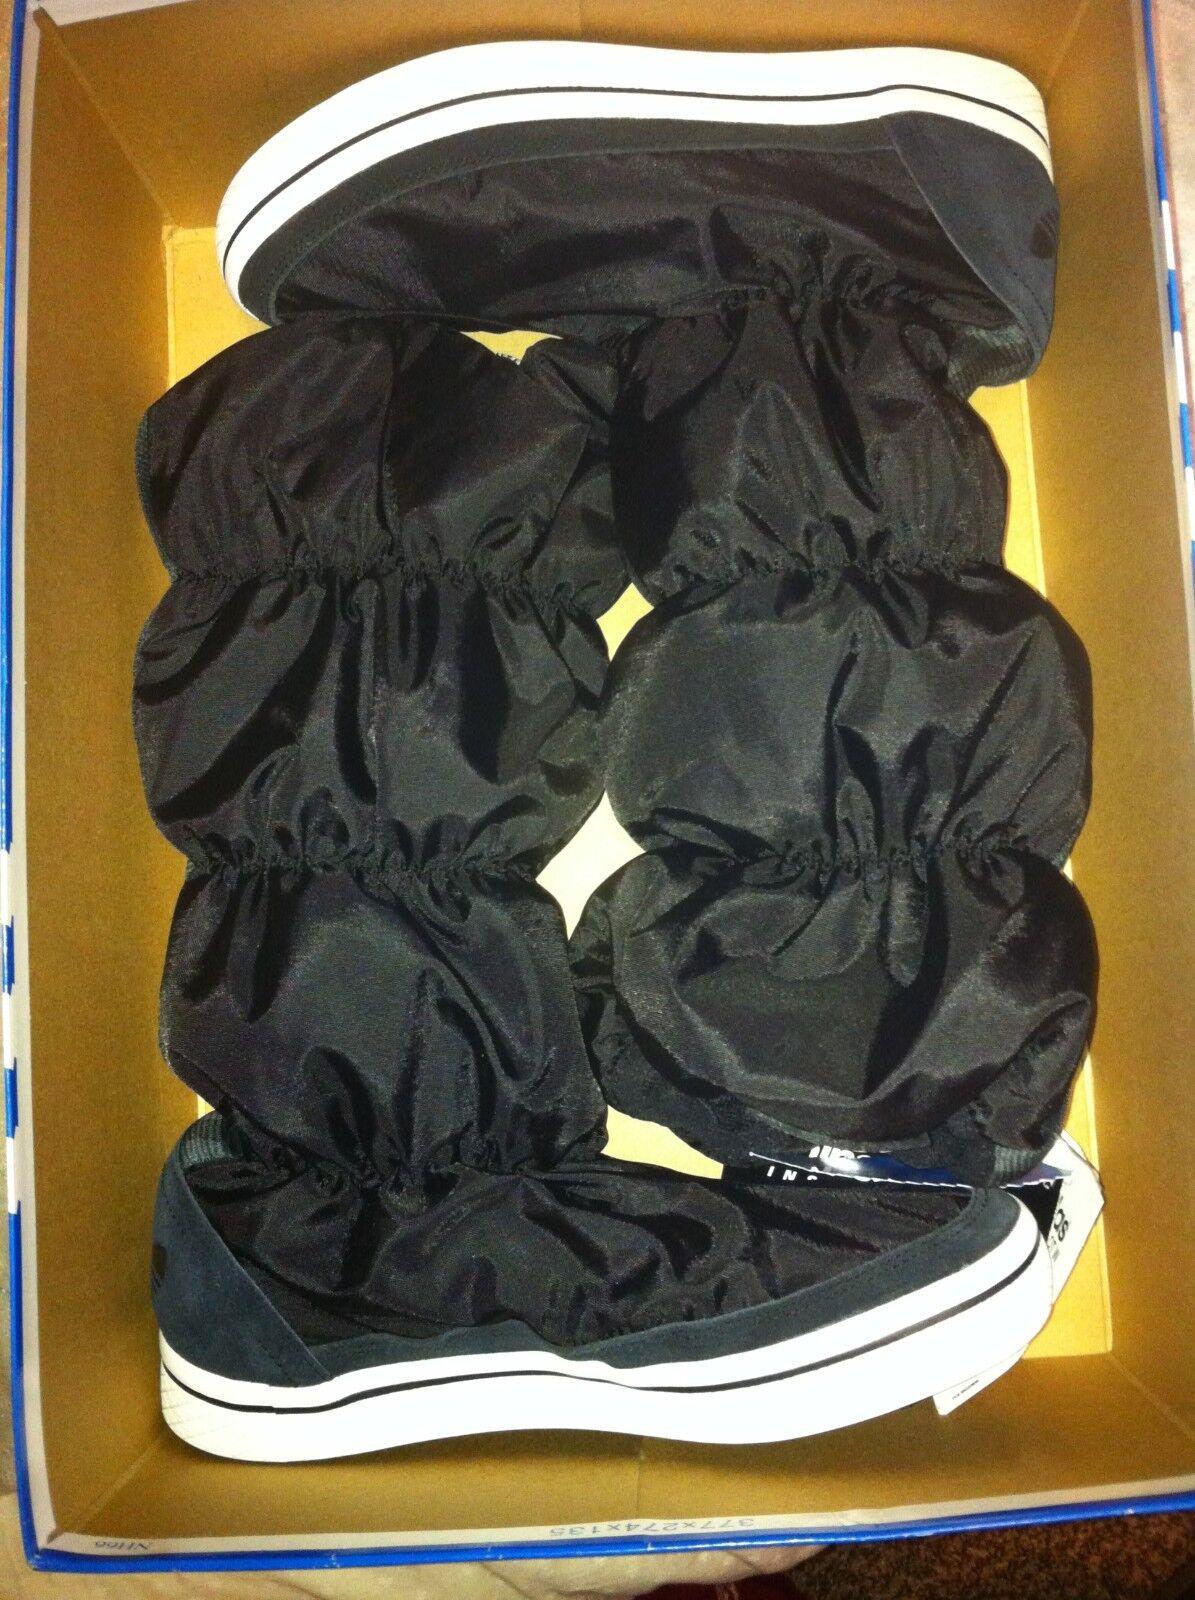 New - adidas adiwinter adiwinter adiwinter avvio scarpe invernali w nero g51407 u. s donne misura 5,5  85   Moderno Ed Elegante A Moda    Uomo/Donna Scarpa  f87ddb